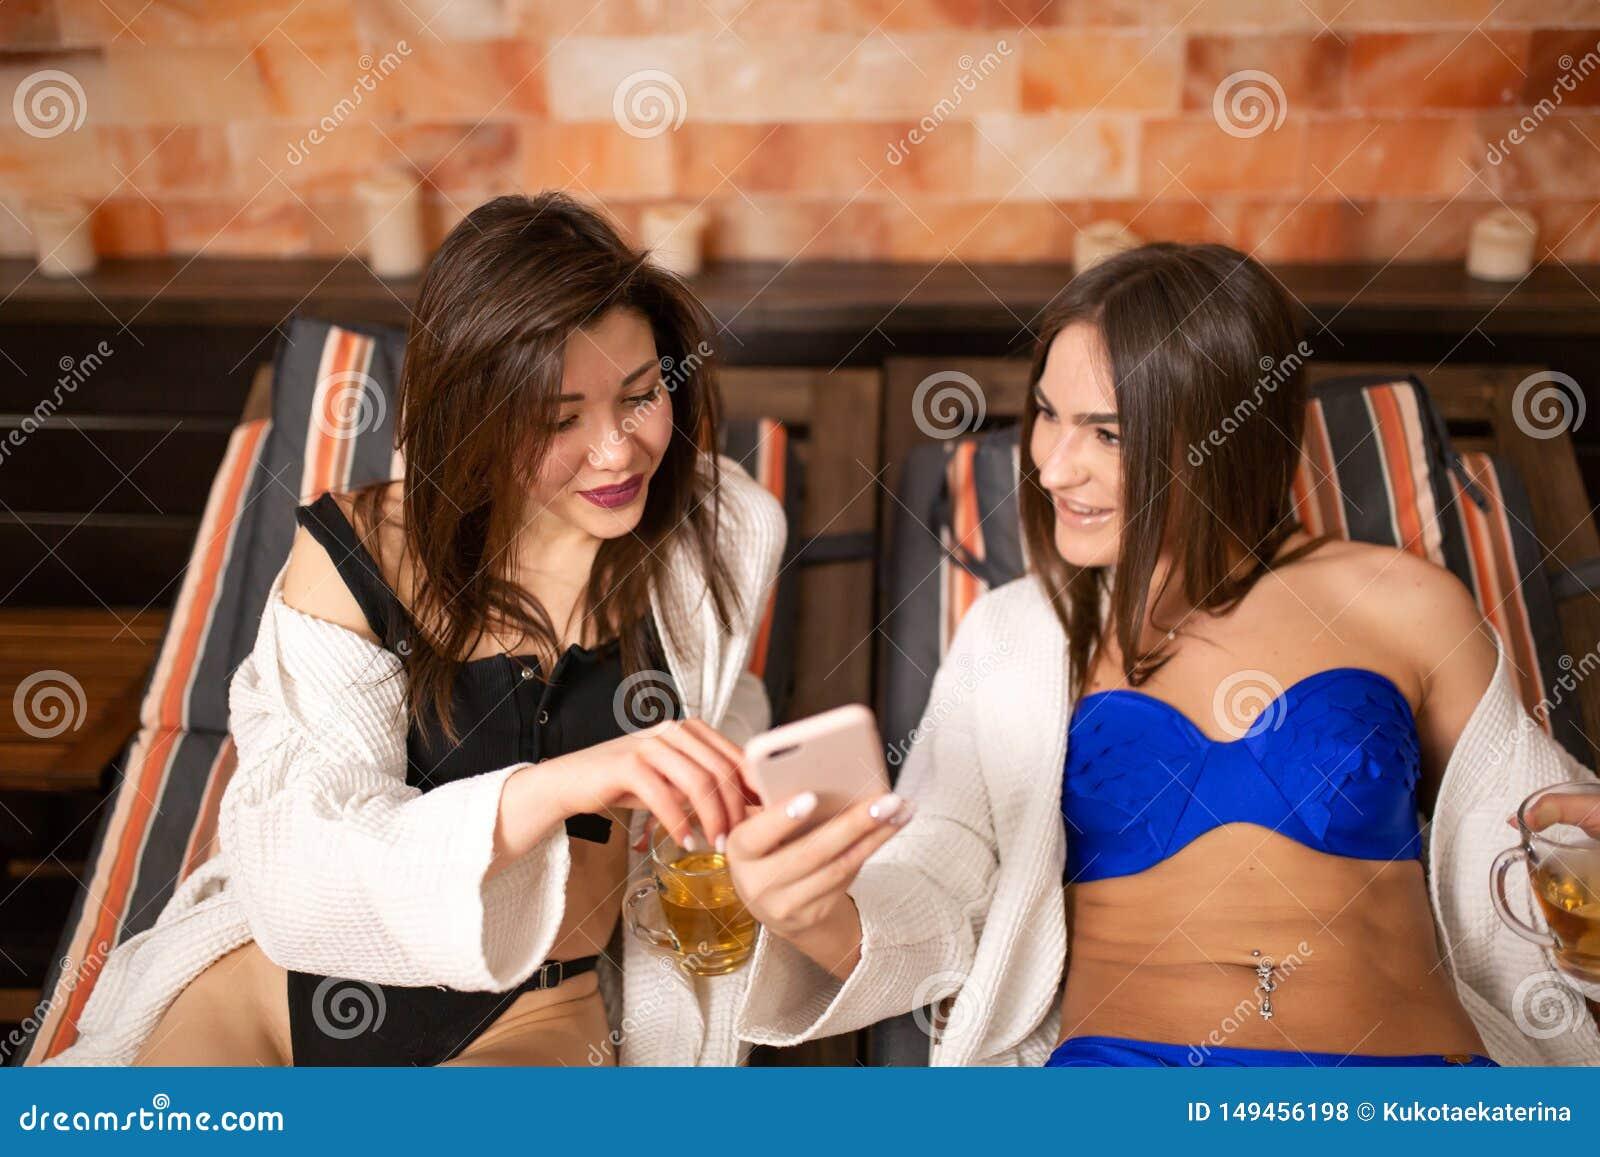 Dwa pi?knej m?odej dziewczyny w swimsuits k?a?? na drewnianym lounger w sauna dyskutuj? wiadomo?? podczas gdy patrzej?cy w telefo